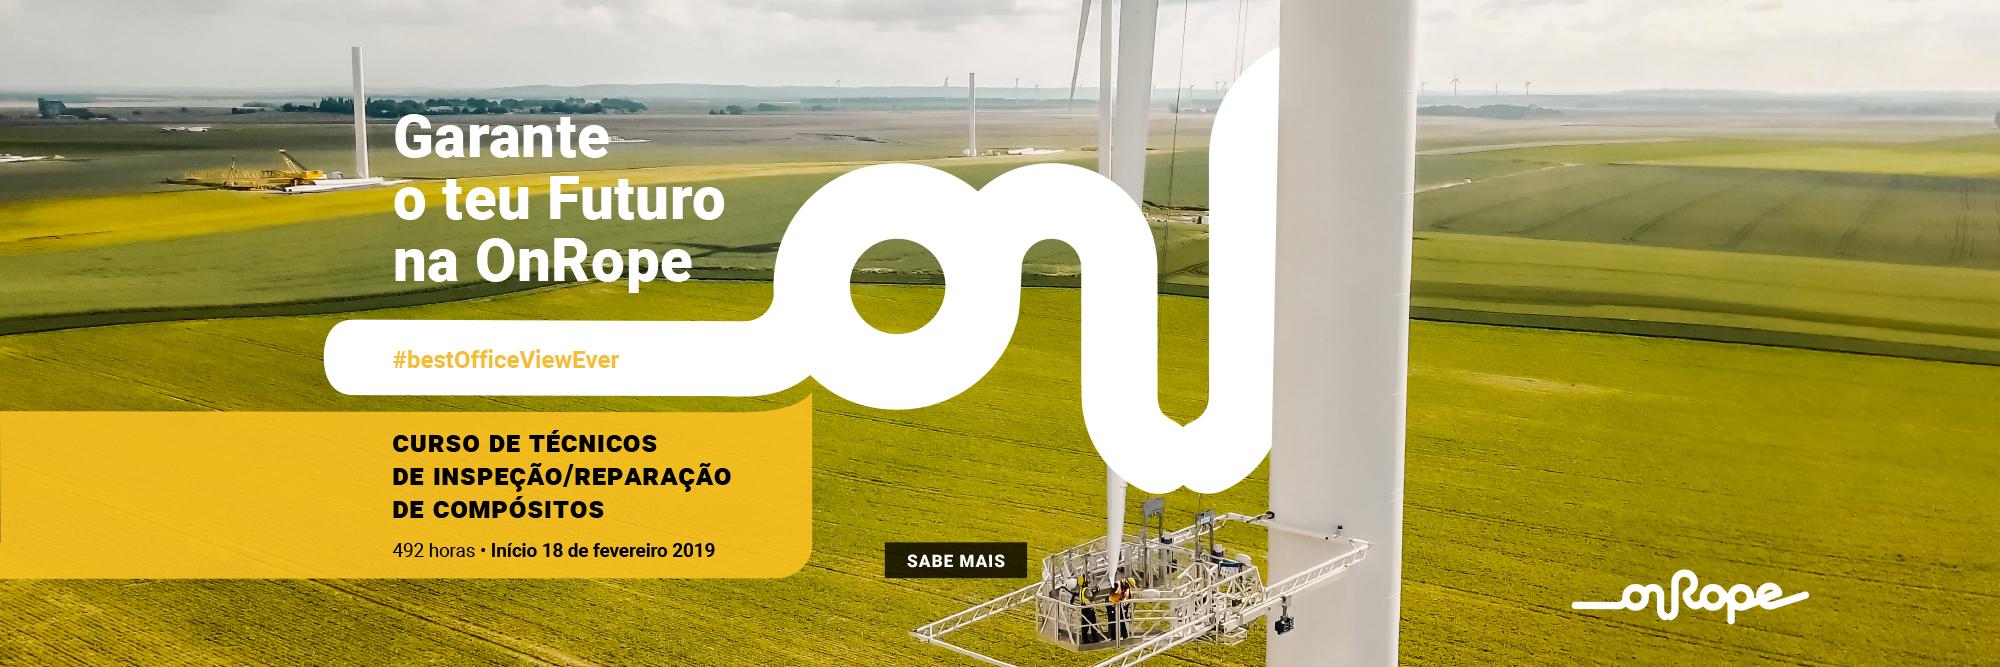 ATEC_Curso-Tecnicos-OnRope-2019